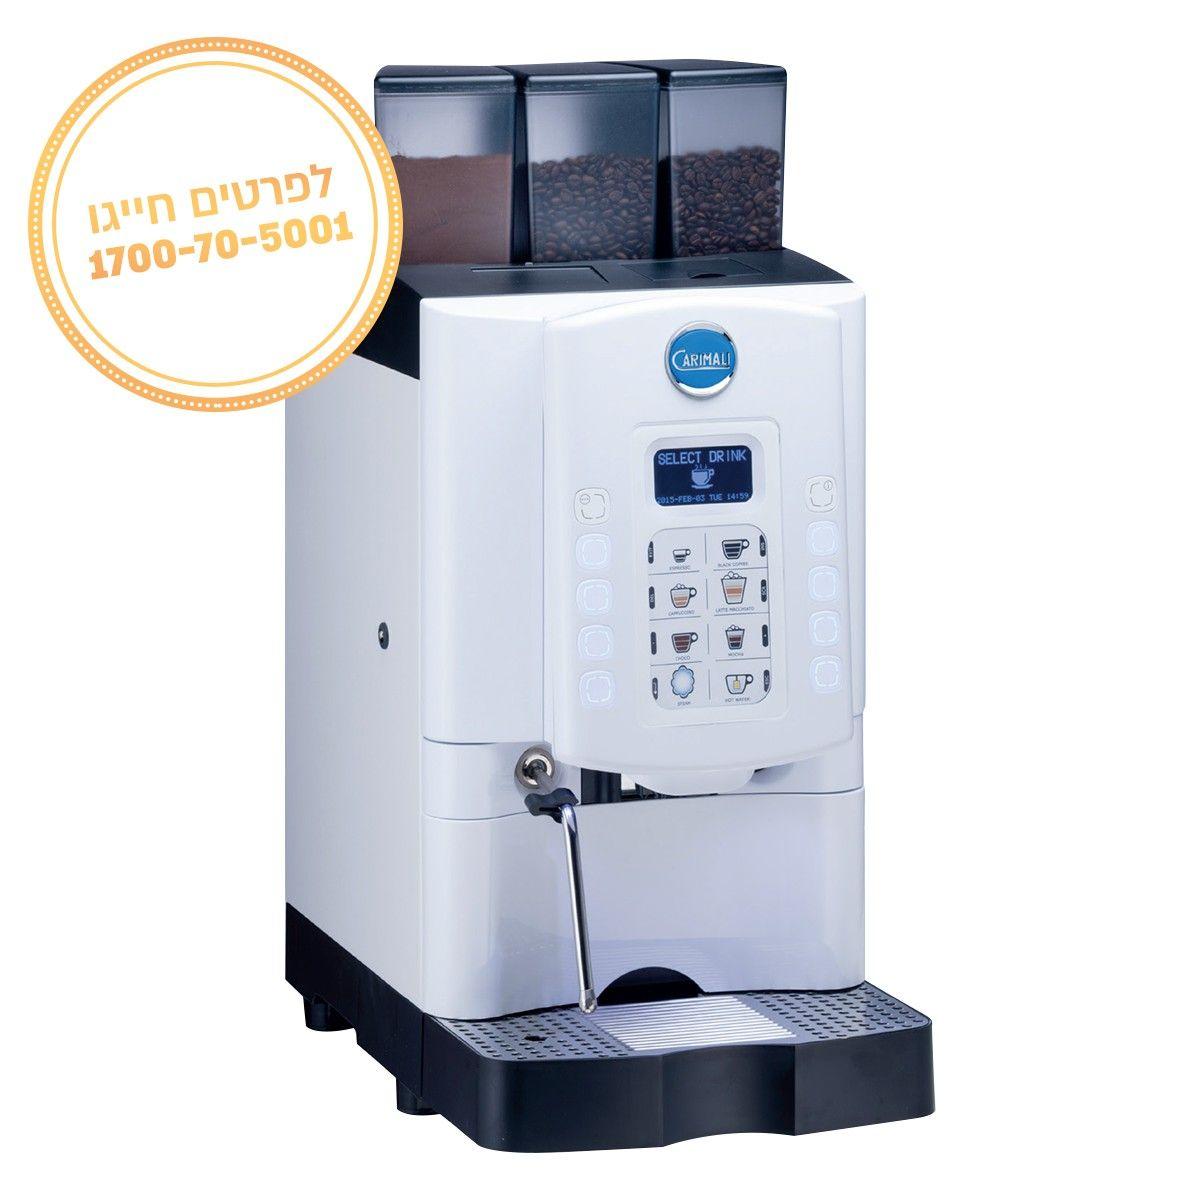 מכונת קפה אוטומטית Carimali Armonia soft